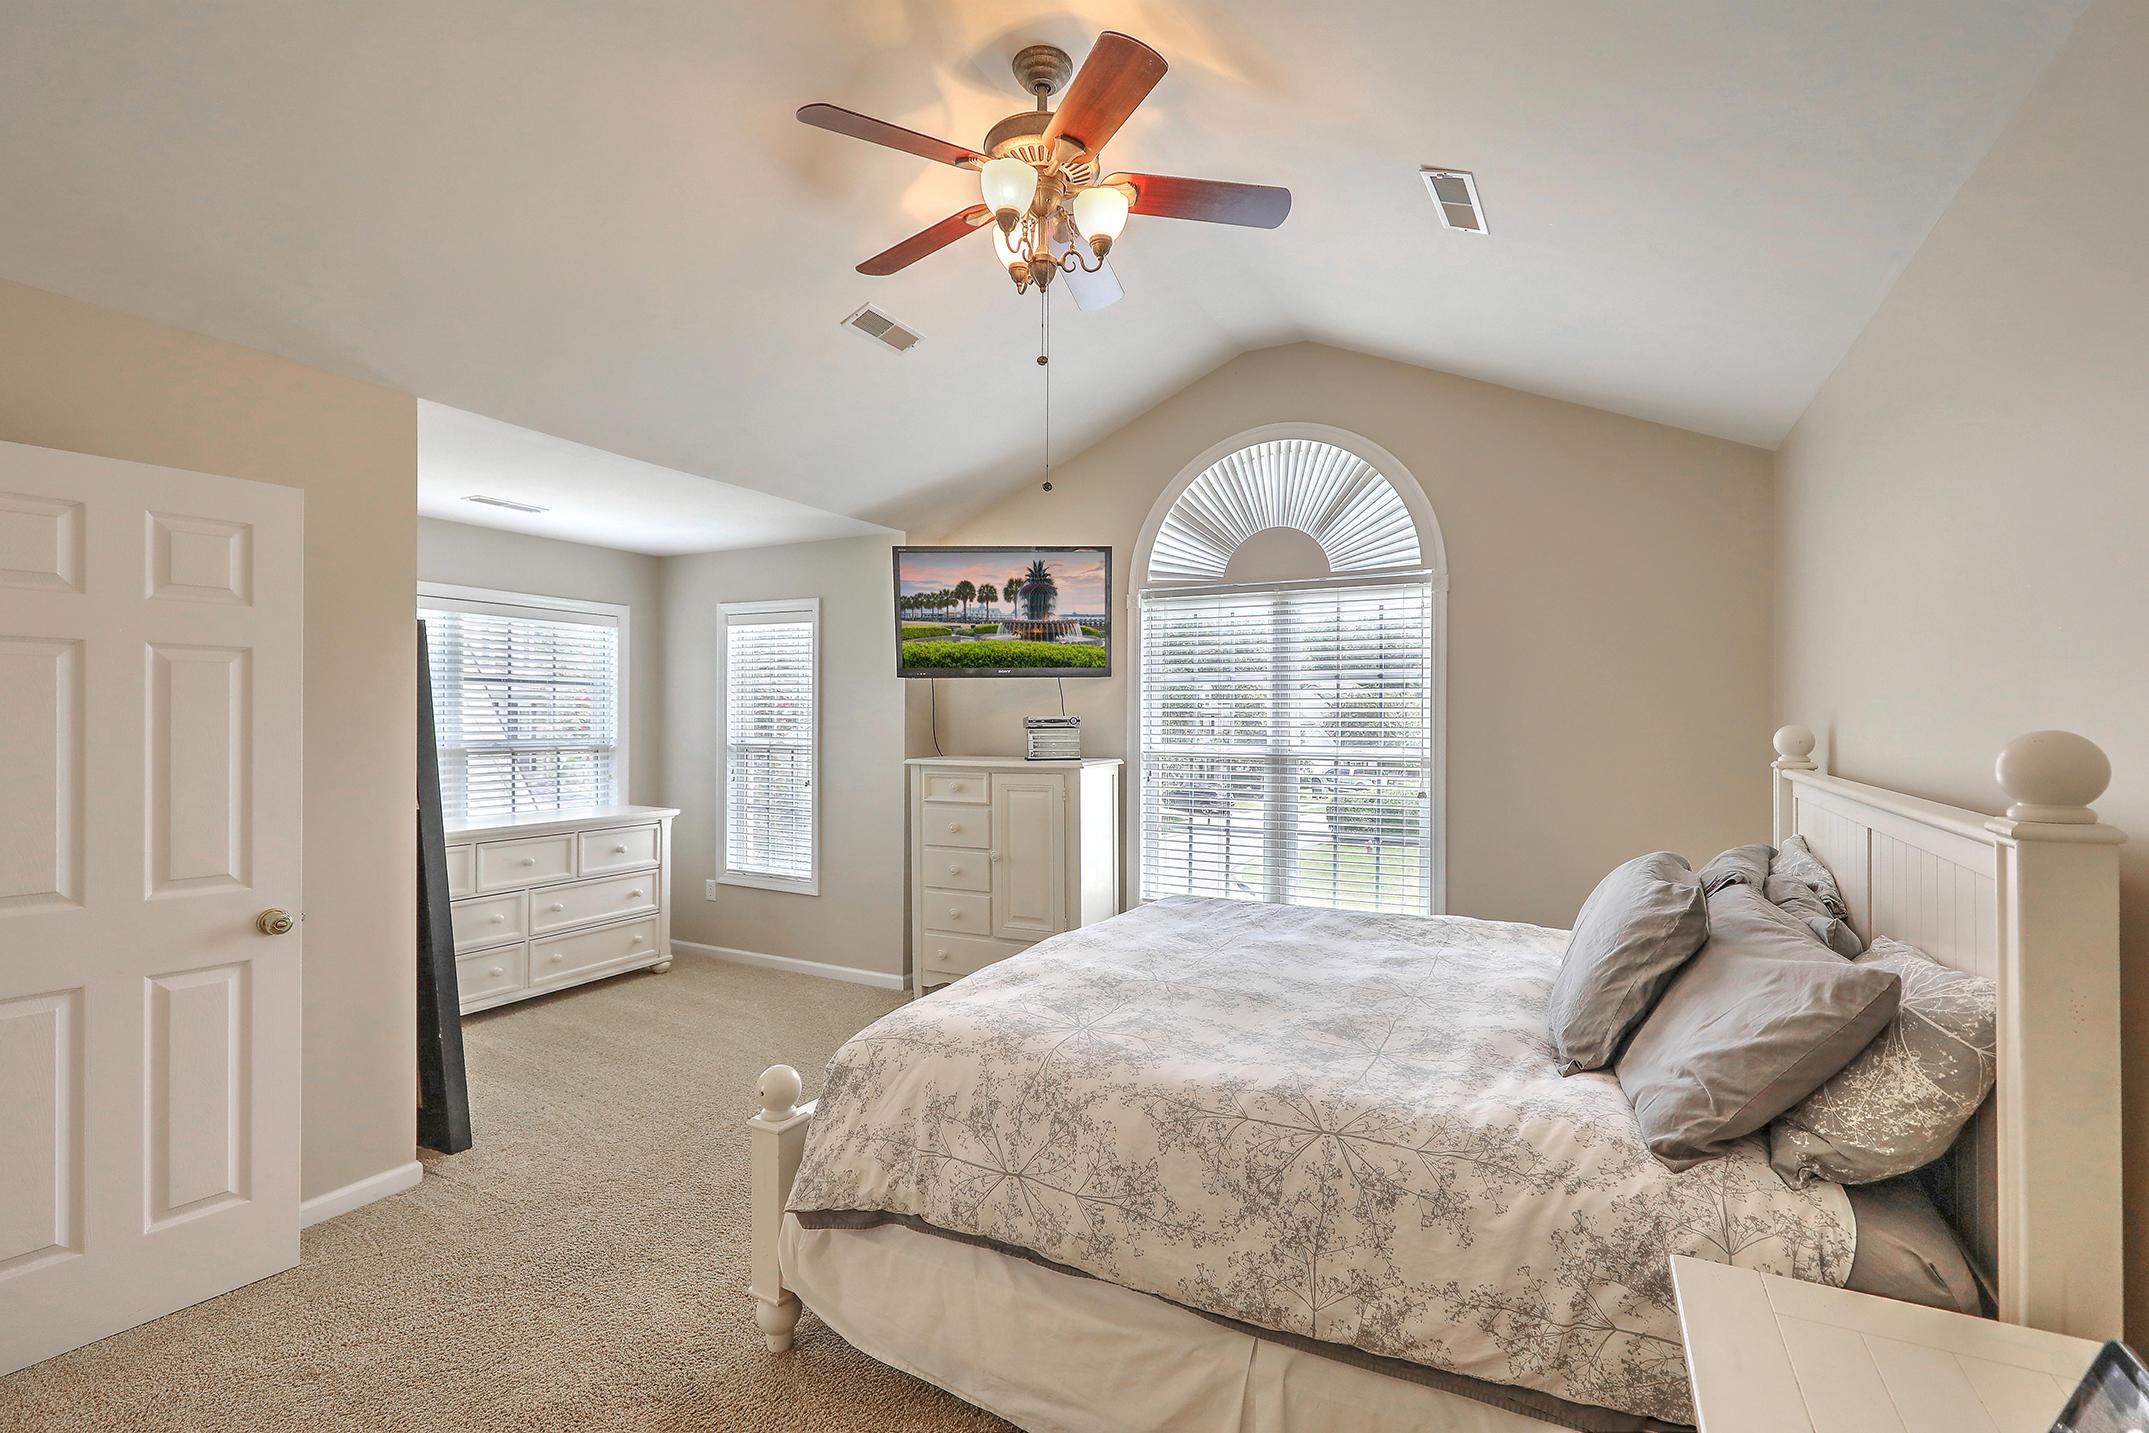 Park West Homes For Sale - 1676 Jorrington, Mount Pleasant, SC - 25